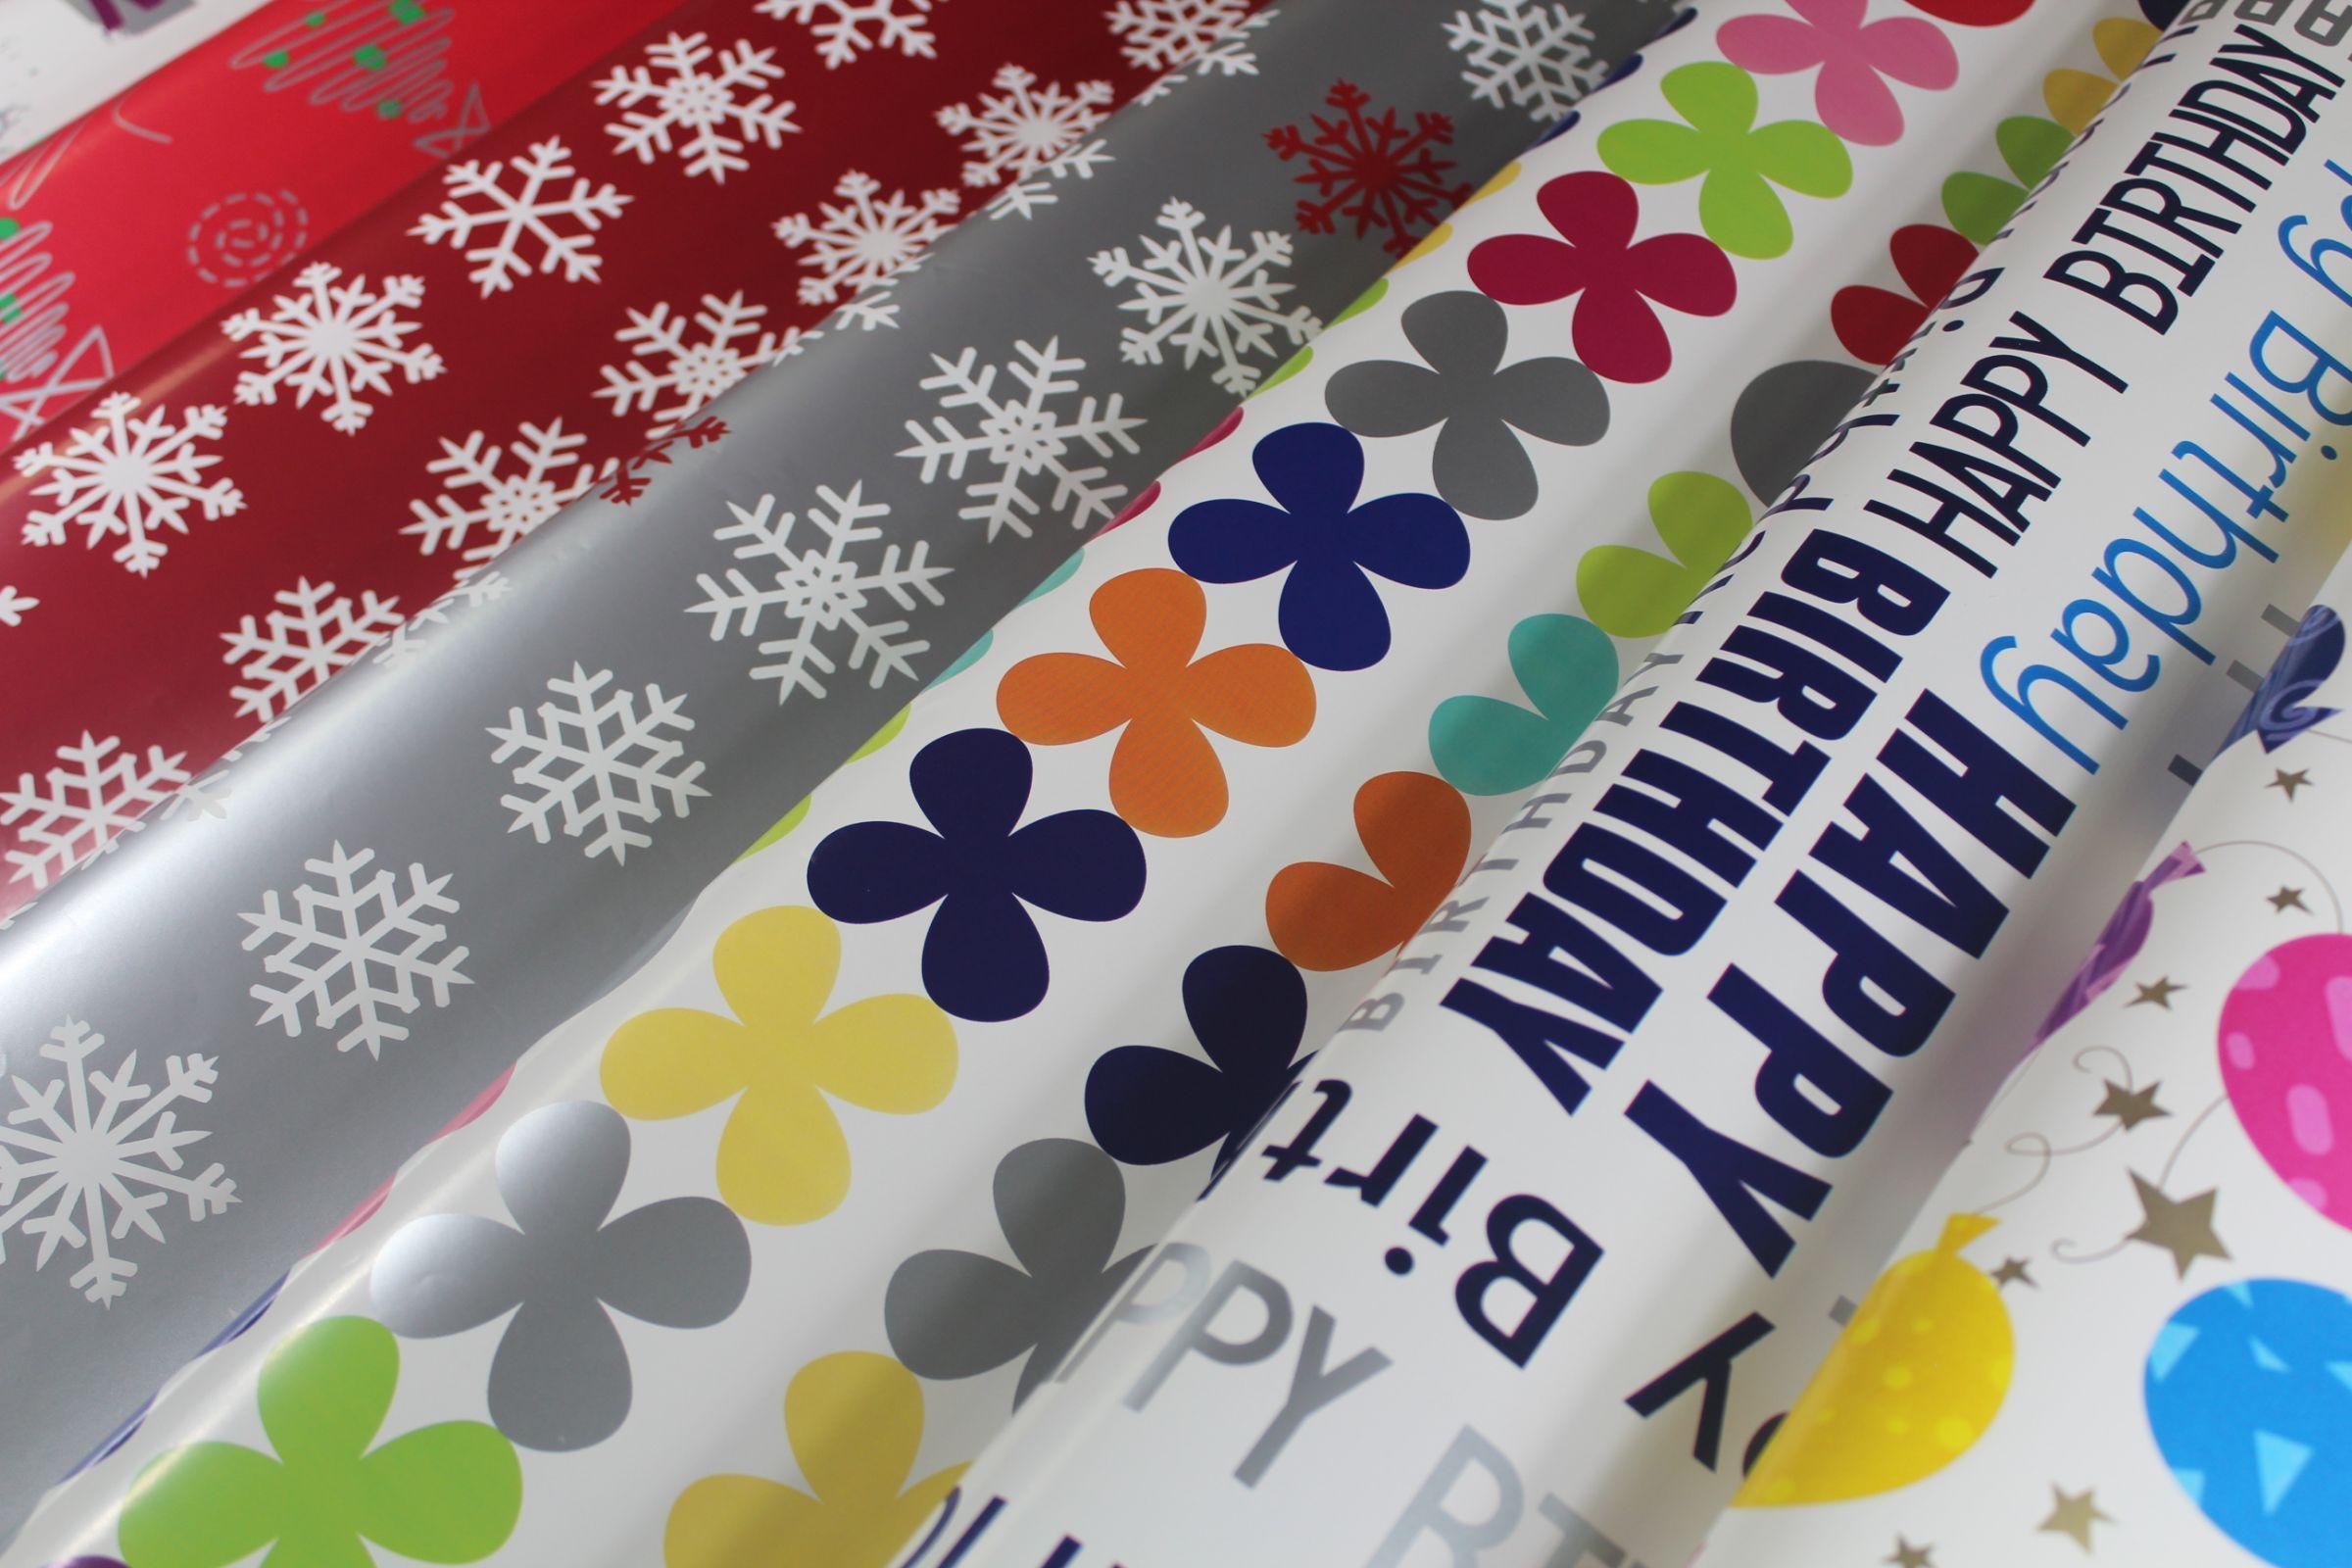 Kertas pembungkus kado seni 80gram dicetak dengan desain sehari-hari untuk pembungkus kado untuk semua kesempatan.